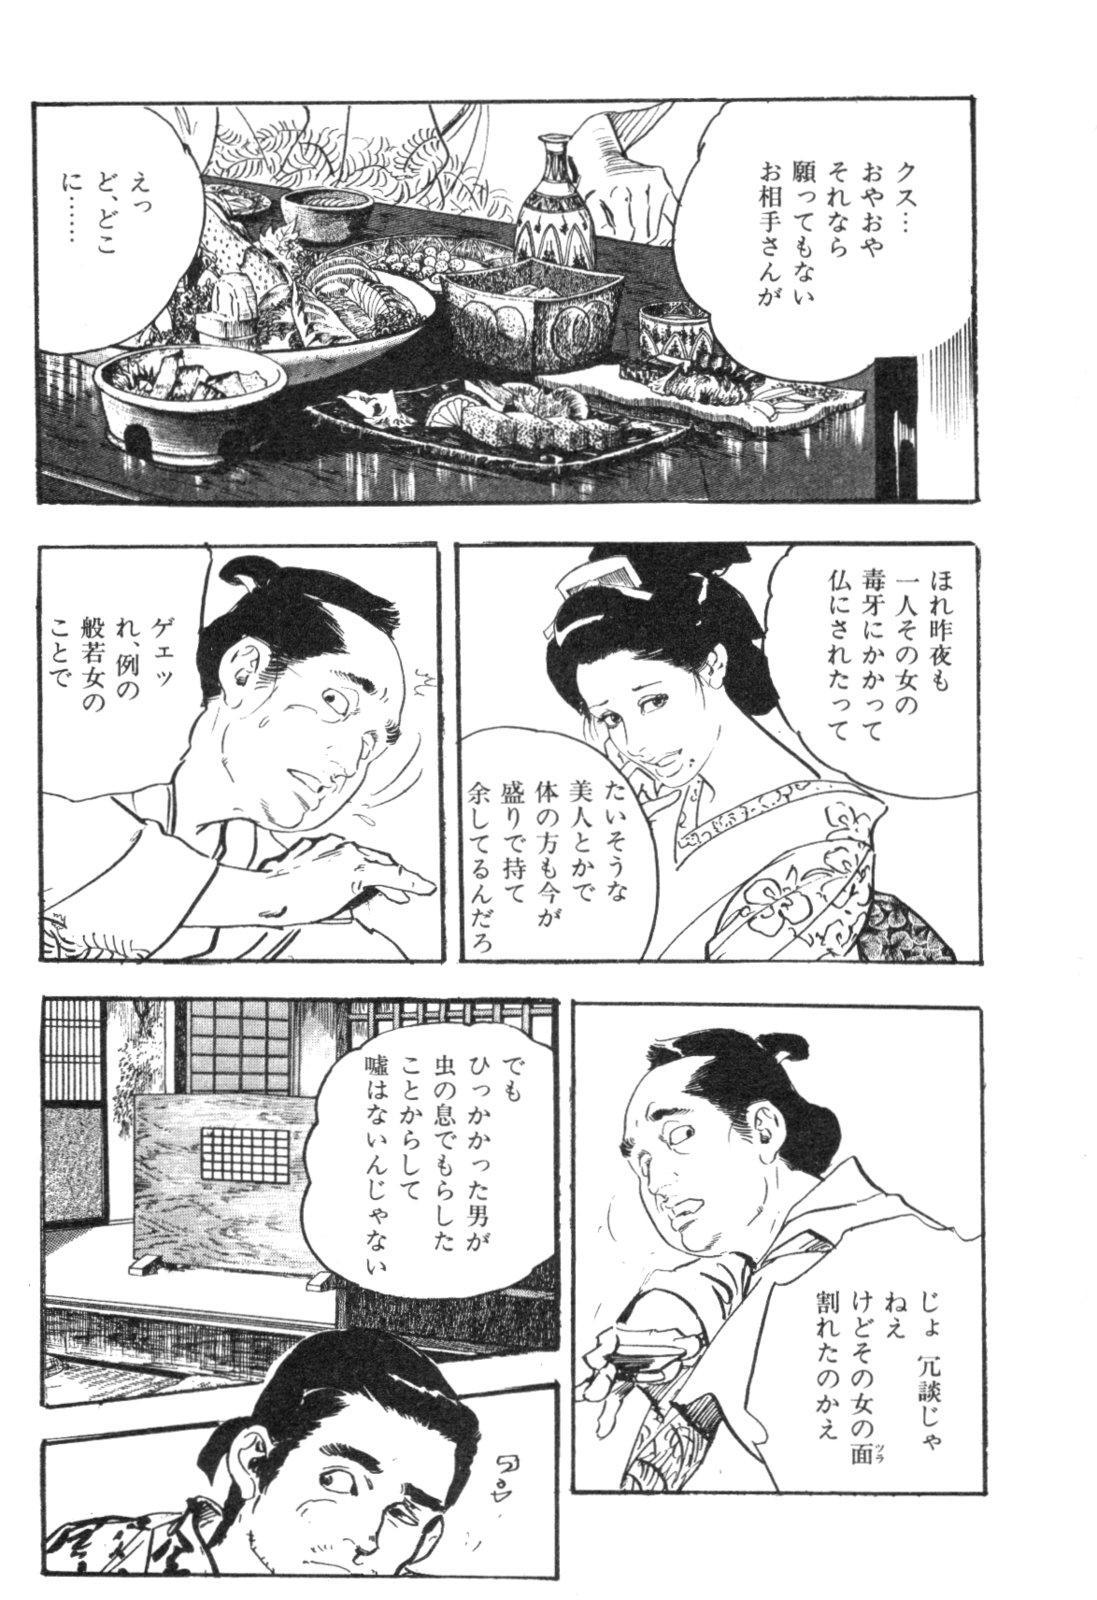 Jidaigeki Series 2 ~ Midare Kannon 151